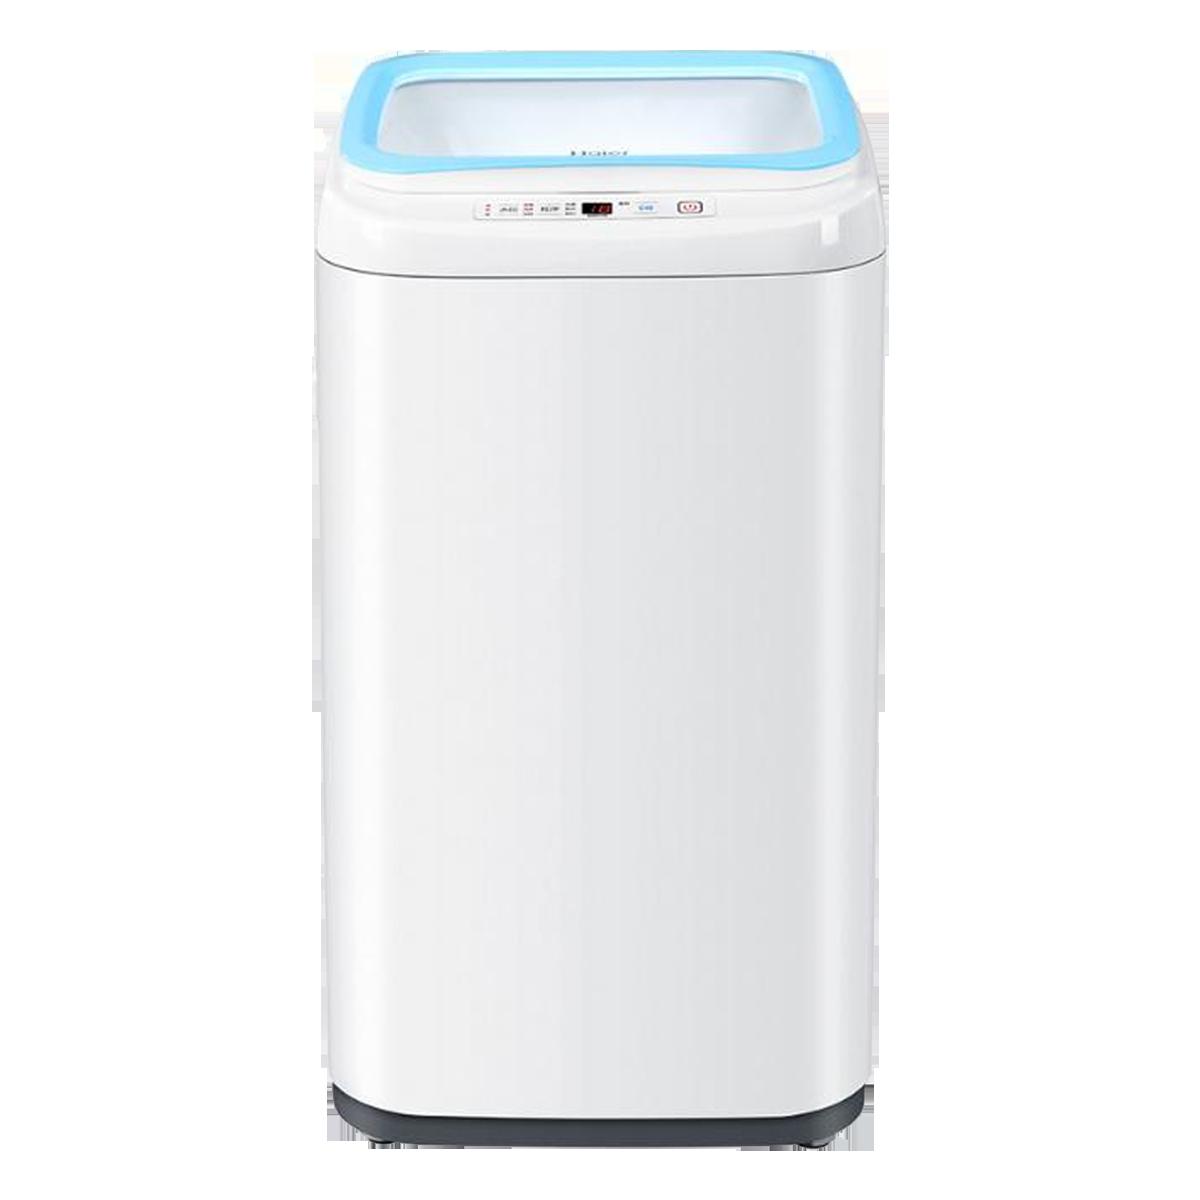 海尔Haier洗衣机 XQBM23-3688 说明书